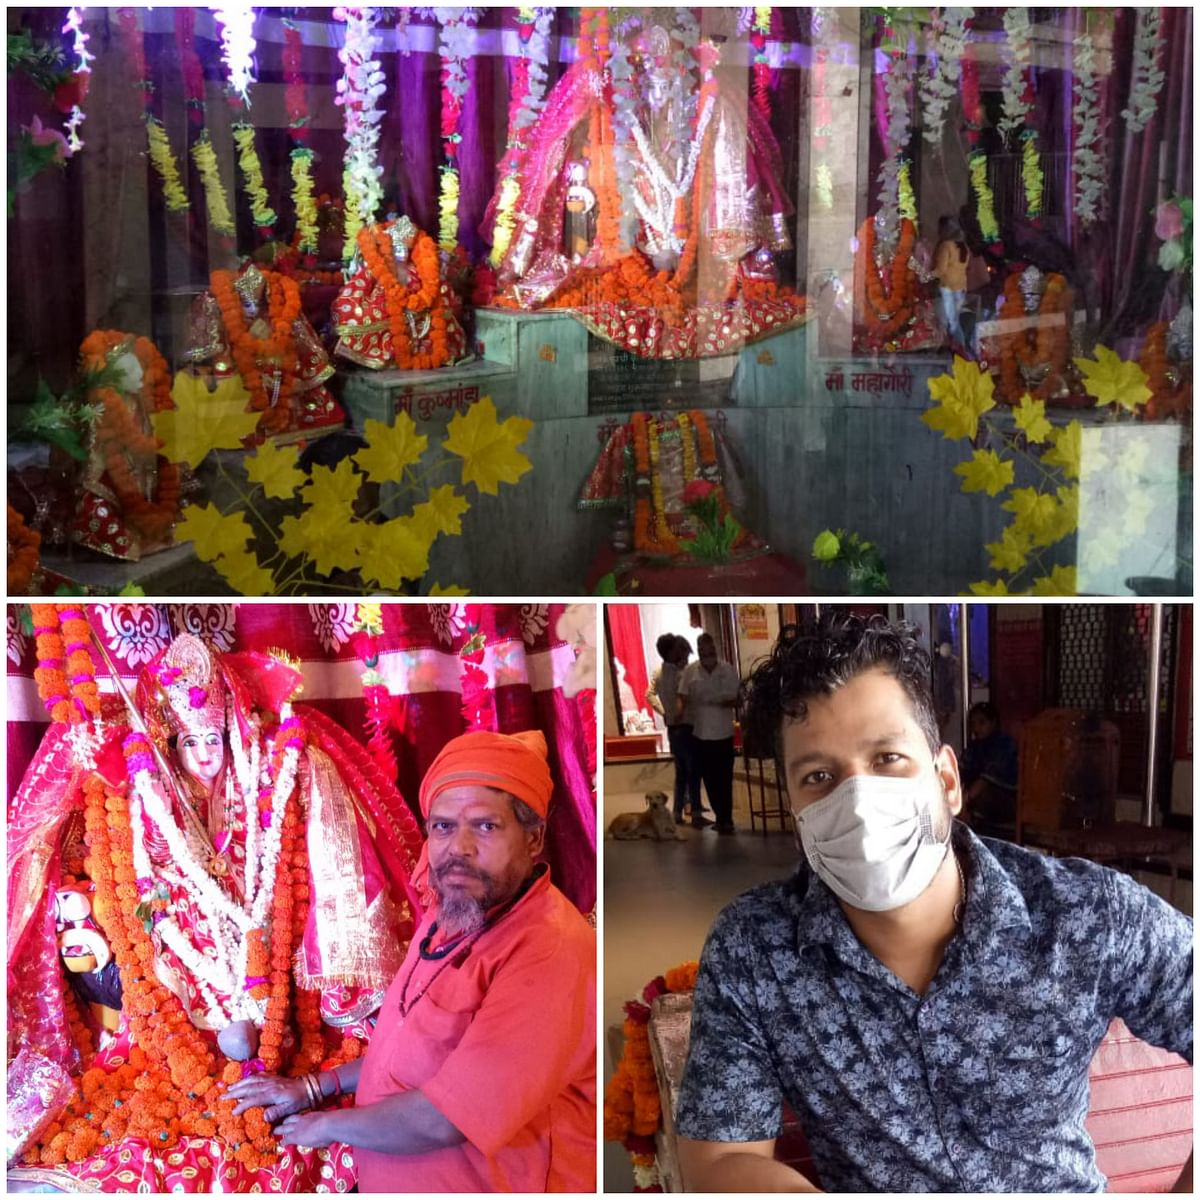 चैत्र नवरात्र: भक्तों ने नवरात्र के तीसरे दिन माता चंद्रघंटा की पूजा अर्चना कर मांगा आशीष